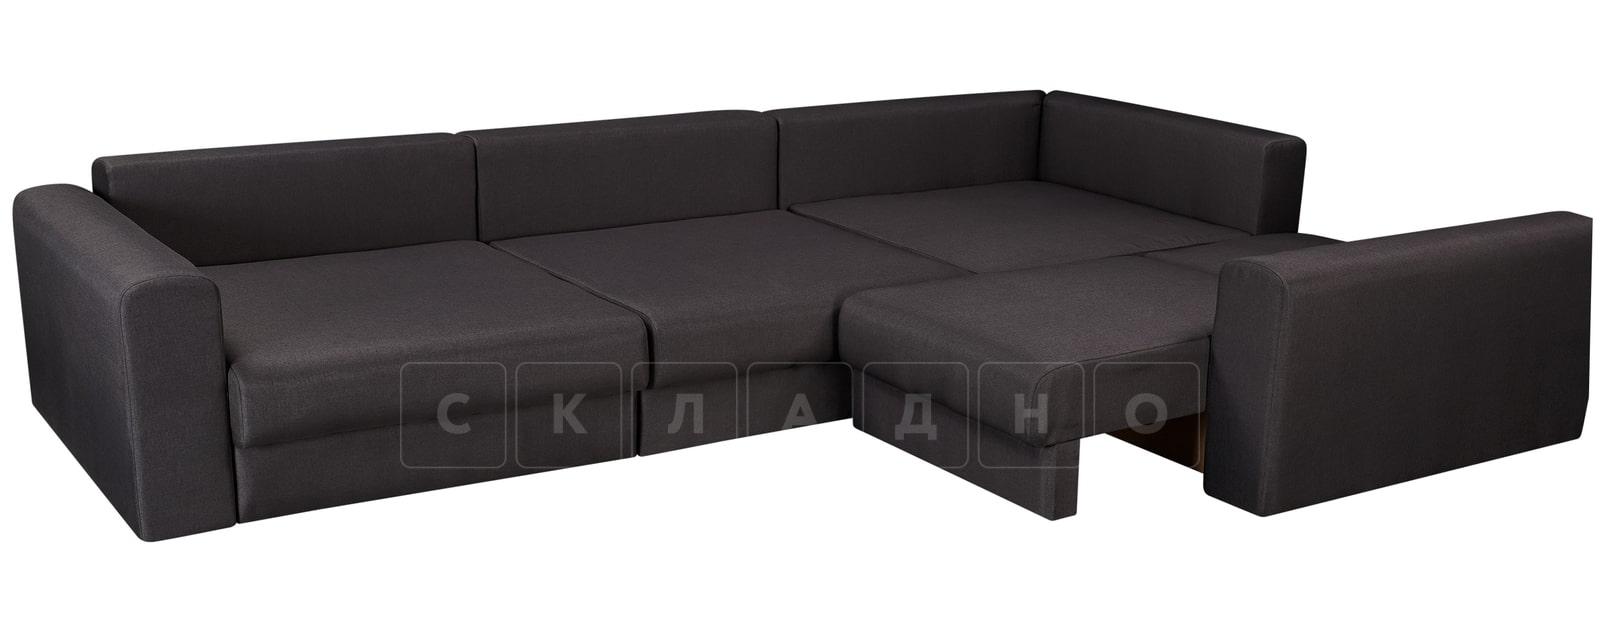 Угловой диван Медисон темно-серый 345х224см фото 4 | интернет-магазин Складно